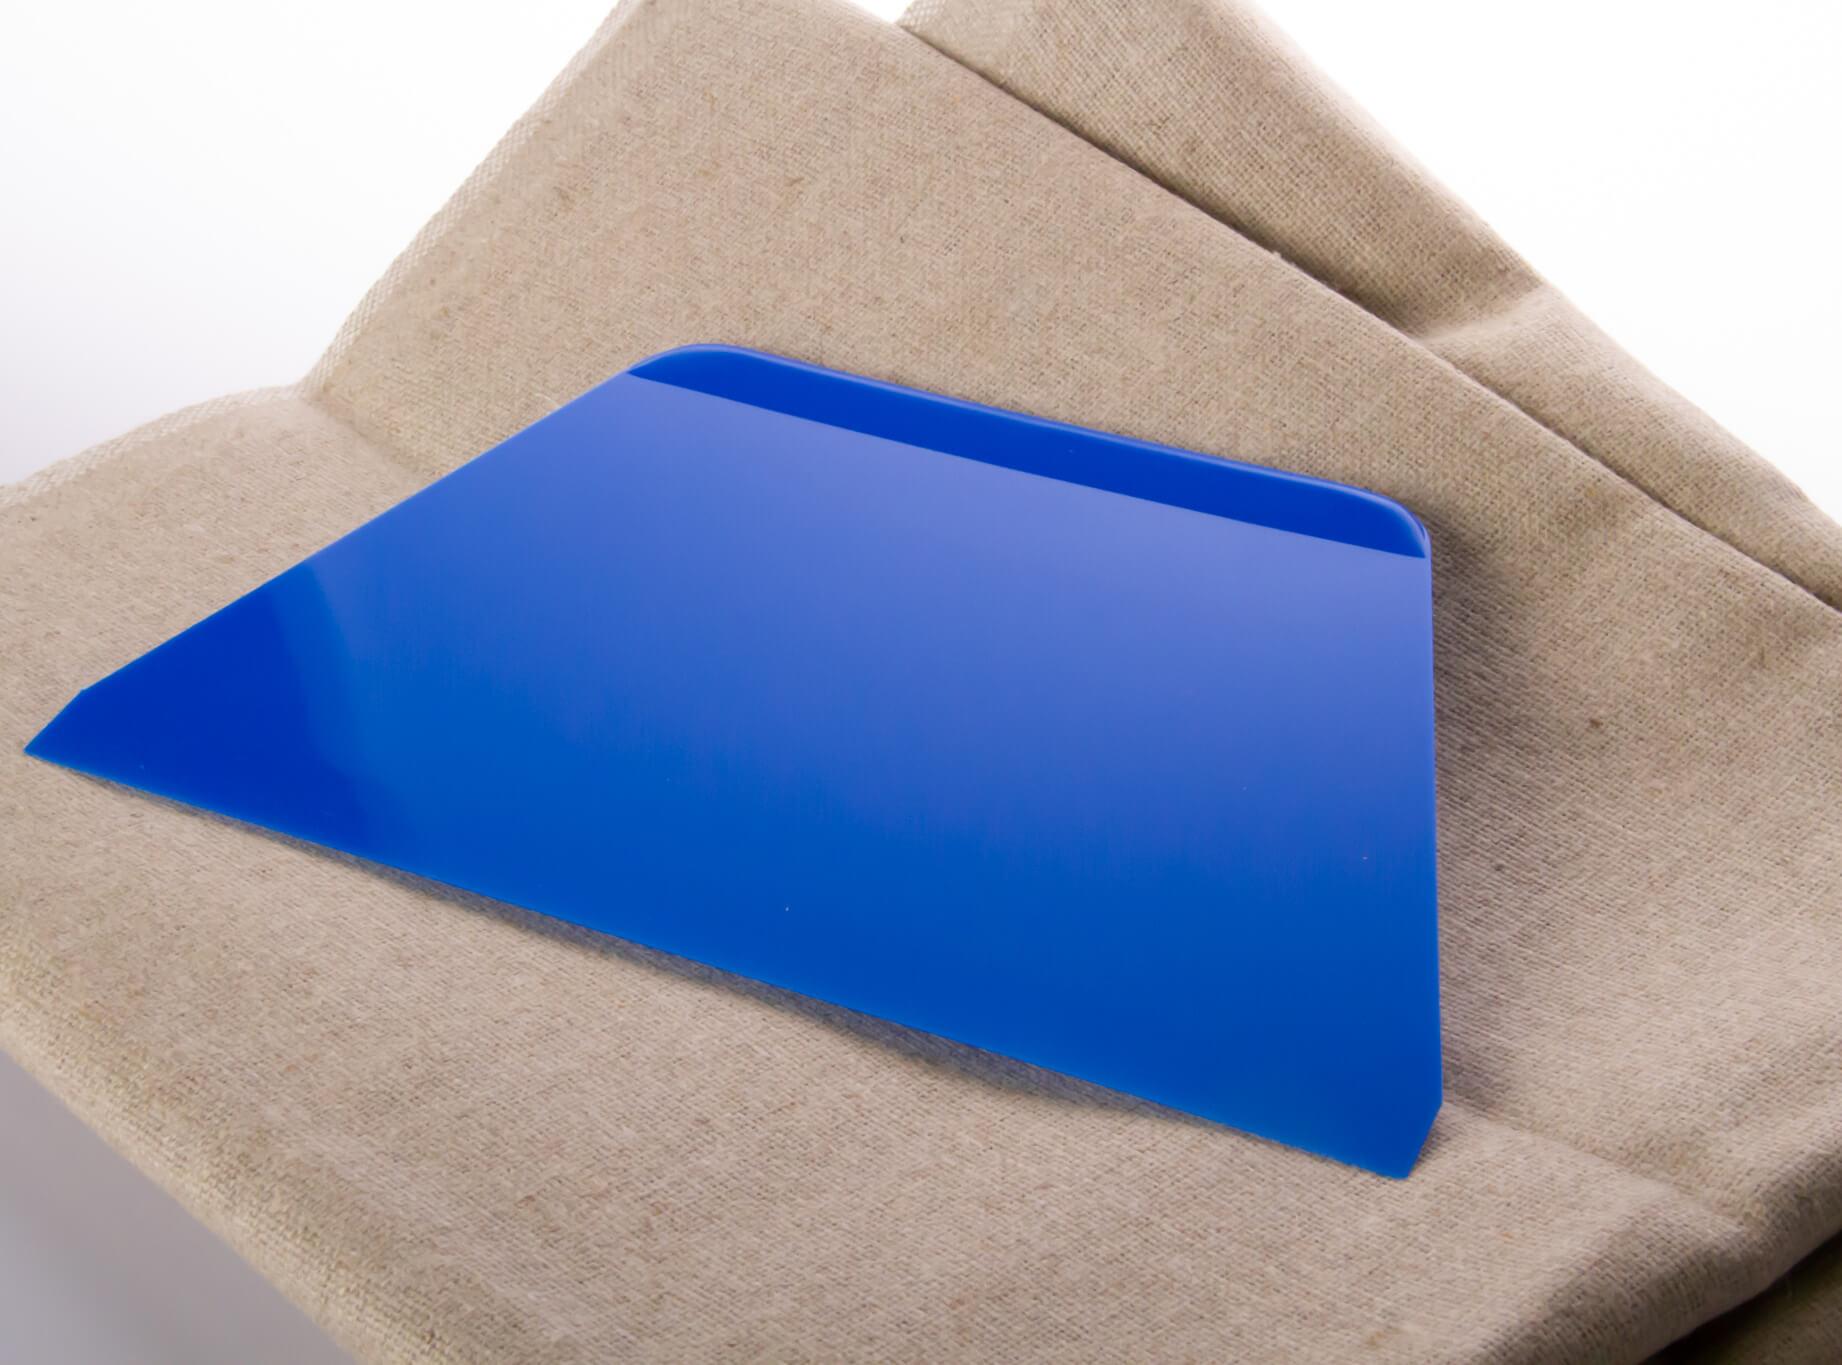 Creeds Plastic Large Scrapers